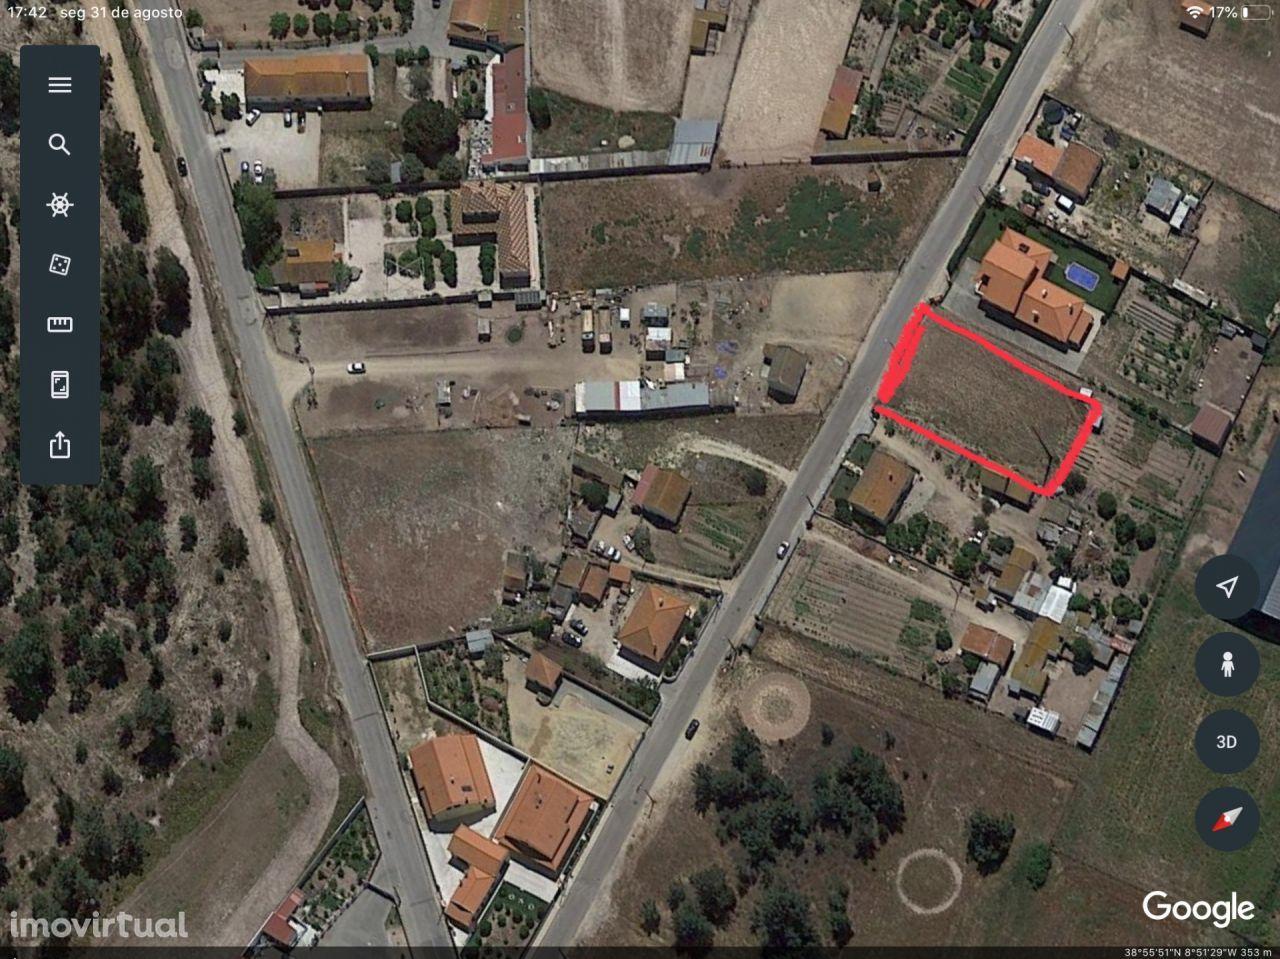 Fantástico Terreno Urbano em Samora correia com uma área Total de 1751 m2